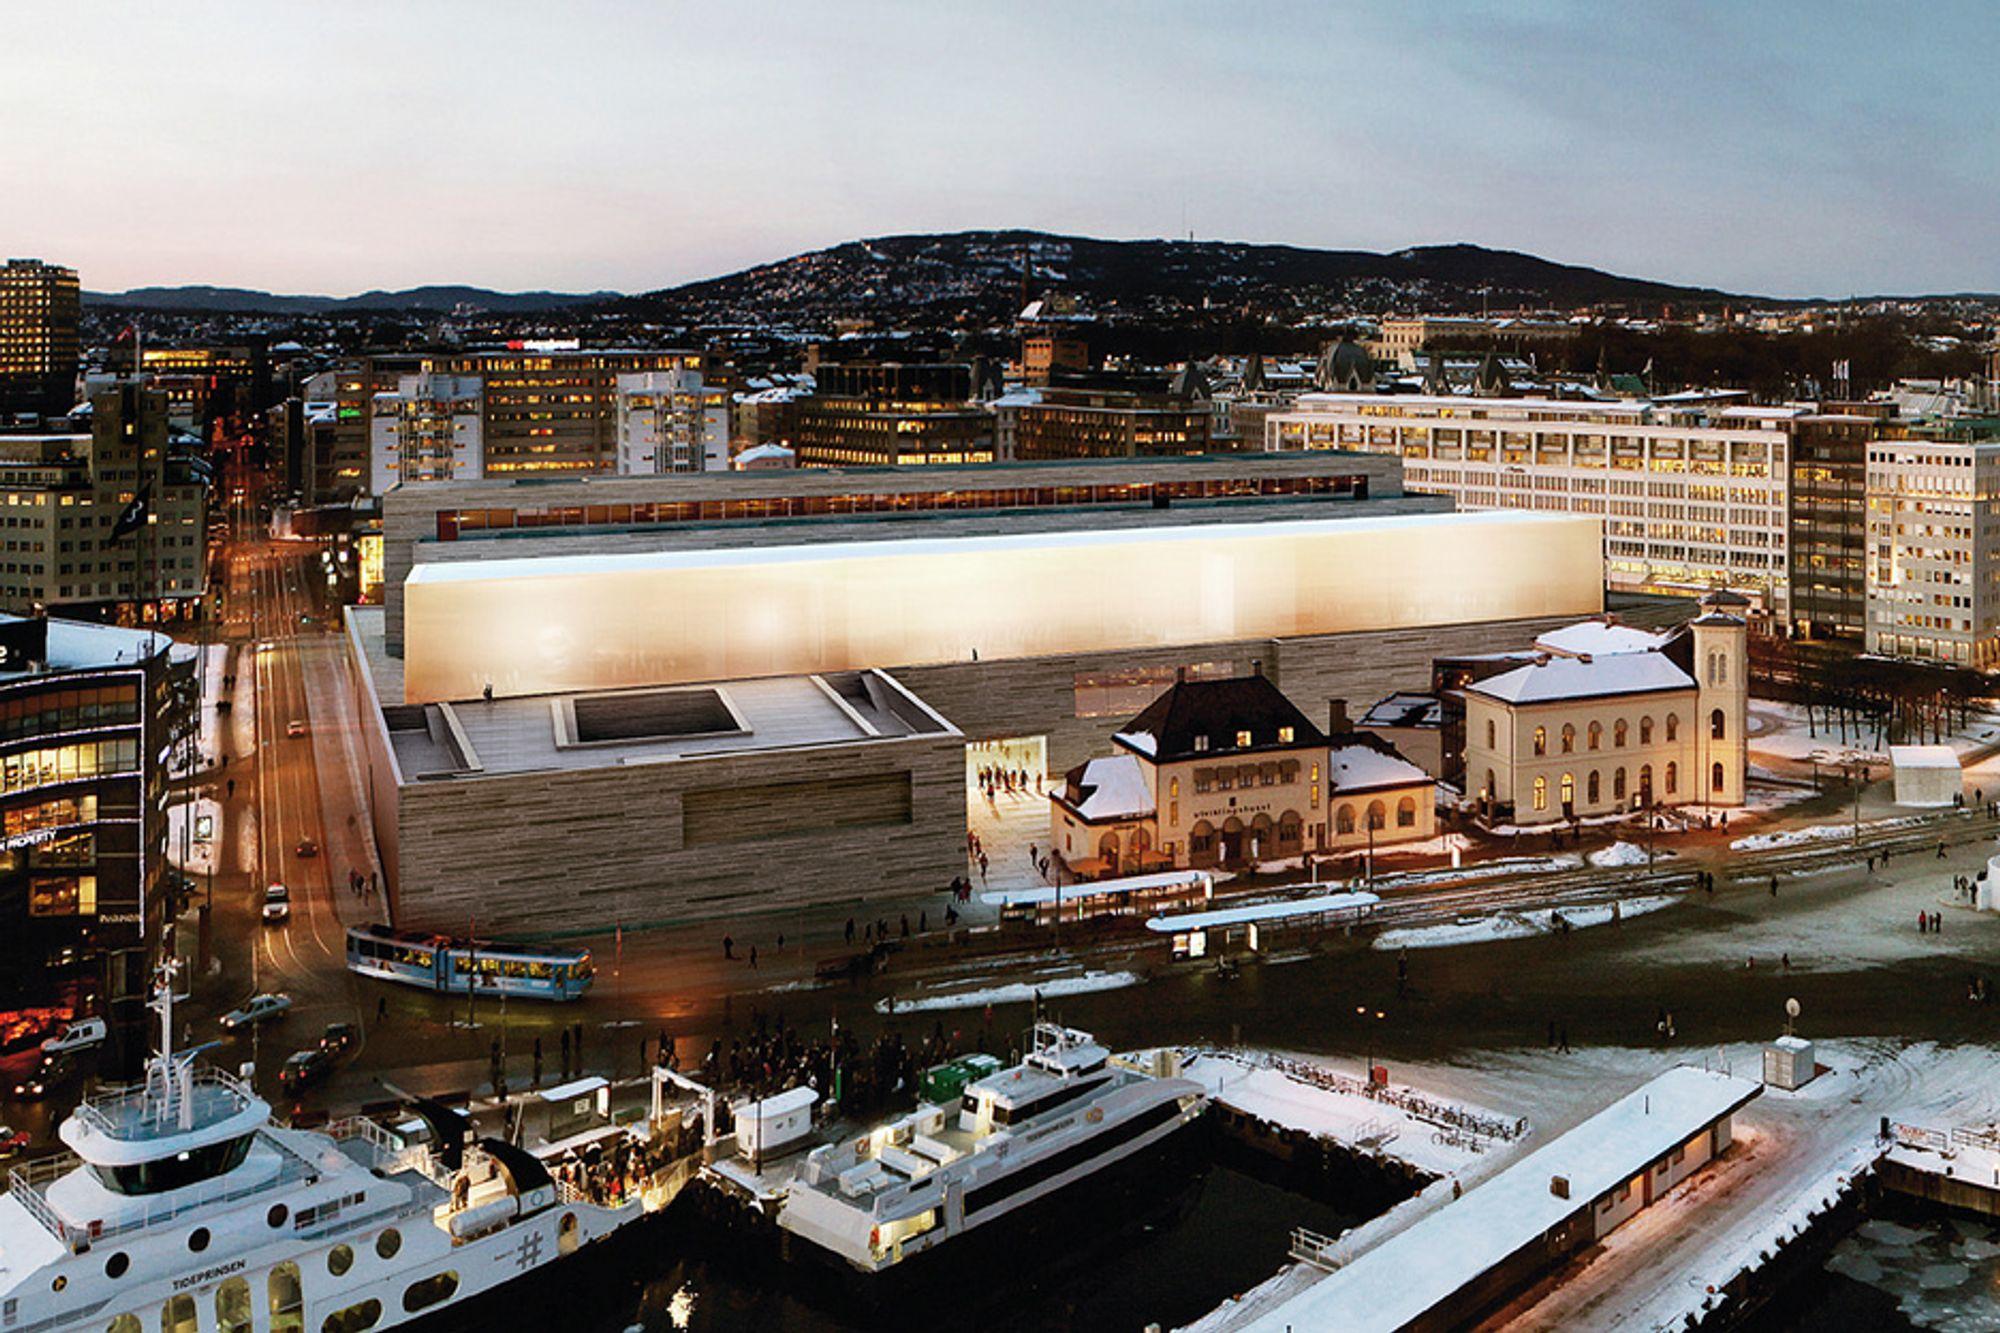 UHELDIG: Arkitektene liker ikke premissene for konkurransen bak Nasjonalmuseet. Der måtte vinneren av konkurransen inn i en ny konkurranse med nummer to og tre etter at juryen hadde sagt sitt. Den tyske arkitekten bak vinnerutkastet sier han aldri har opplevd noe slikt før.